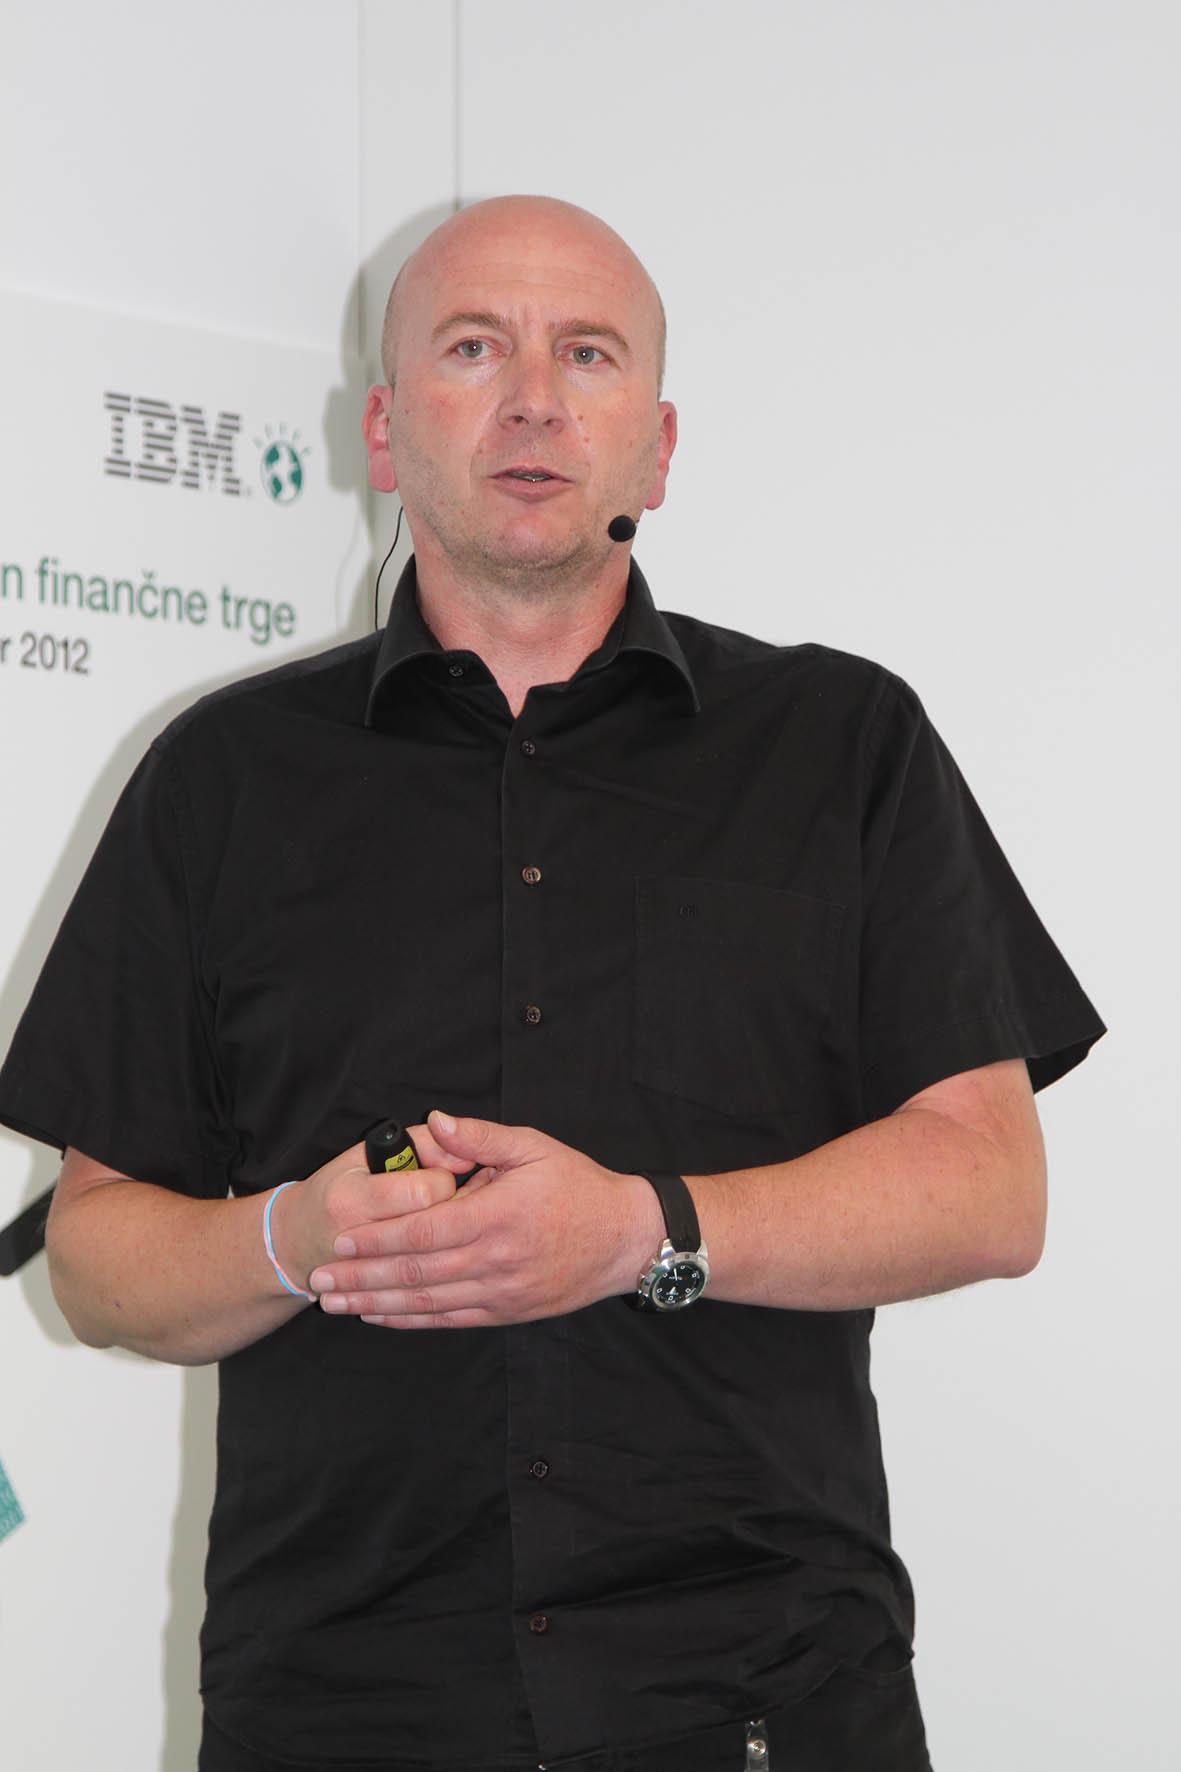 Tomaž Vincek, tomaz.vincek@si.ibm.com. IBM-ov strokovnjak za virtualizacijo in Power sisteme pri IBM Slovenija.